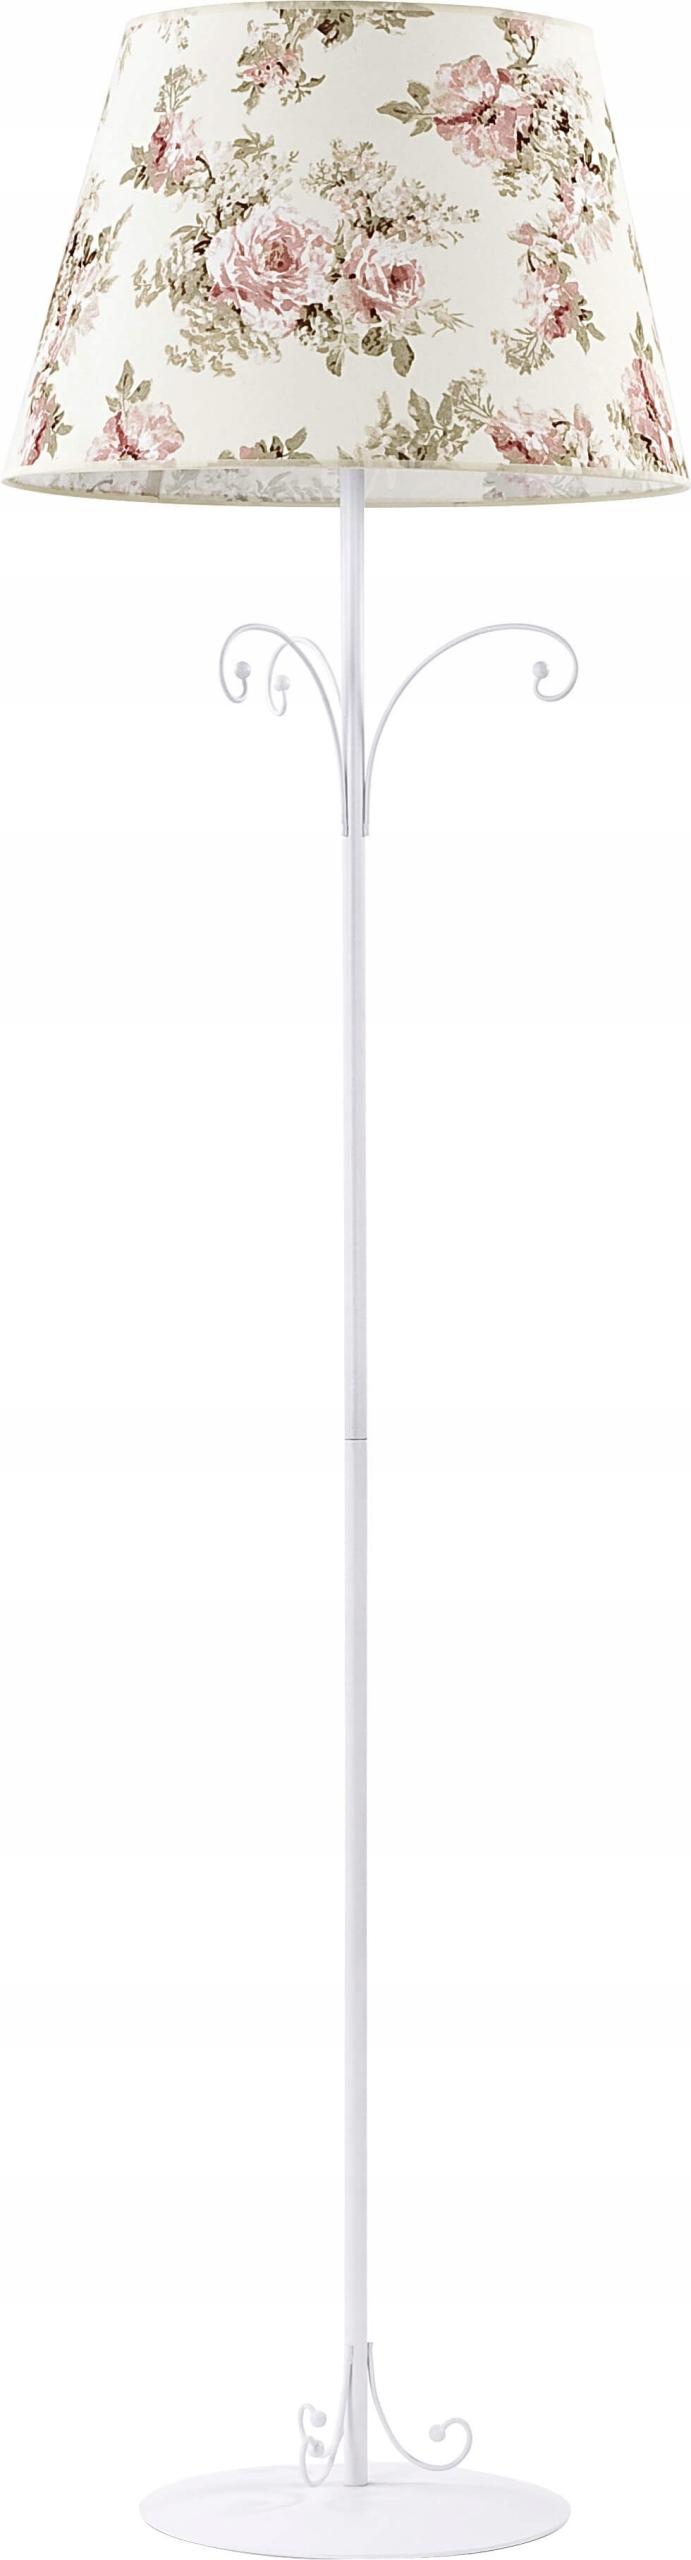 TK Osvetlenie podlahy lampa Rosa kvety 365